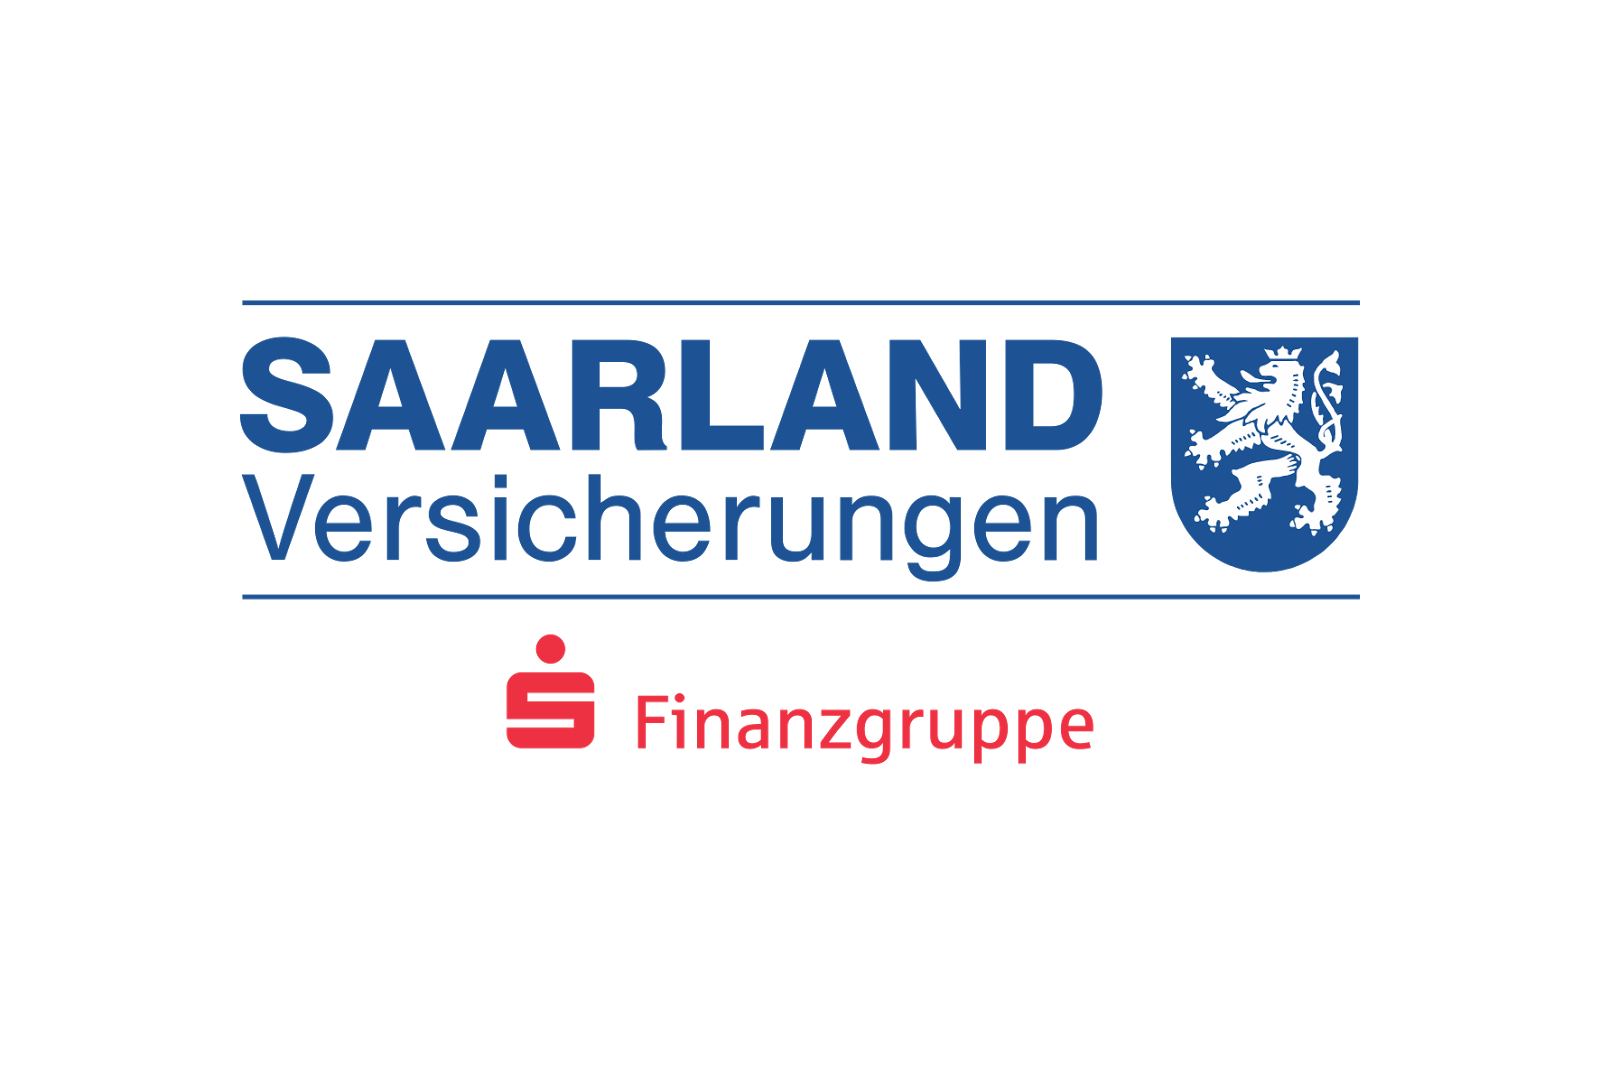 saarland versicherungen logo